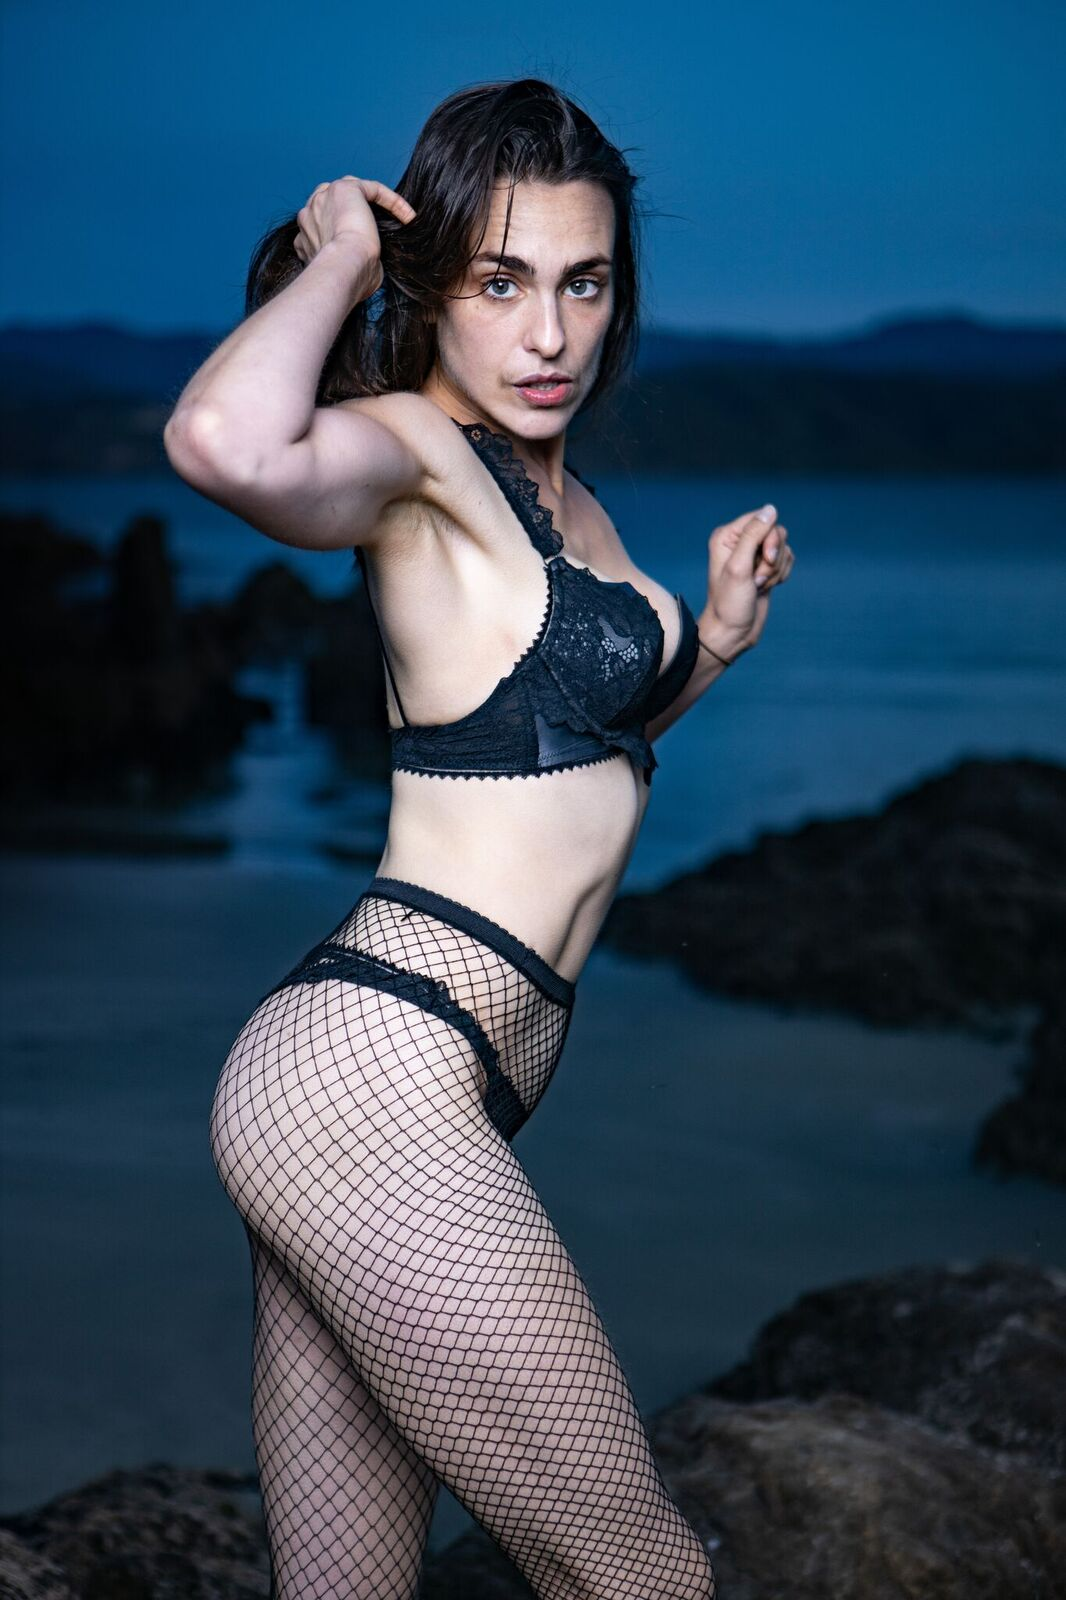 Karori Bikini Girls Wellington Strippers